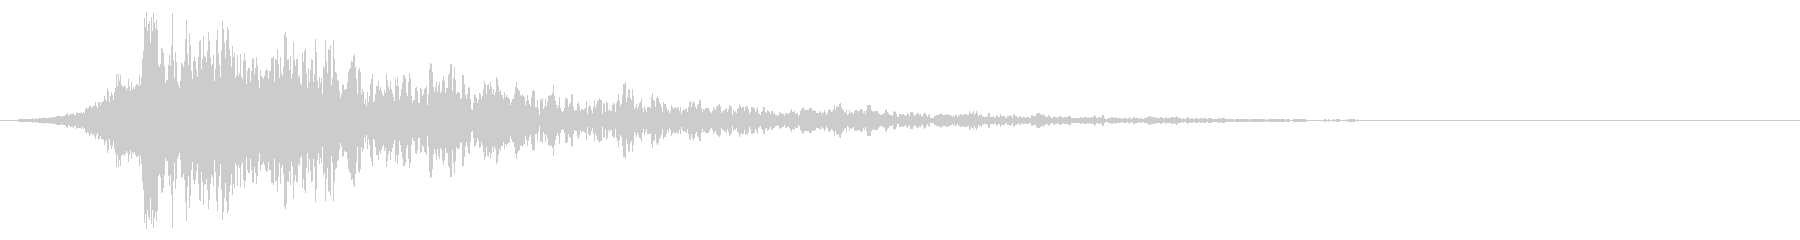 シュードーン-60-2(インパクト音)の未再生の波形